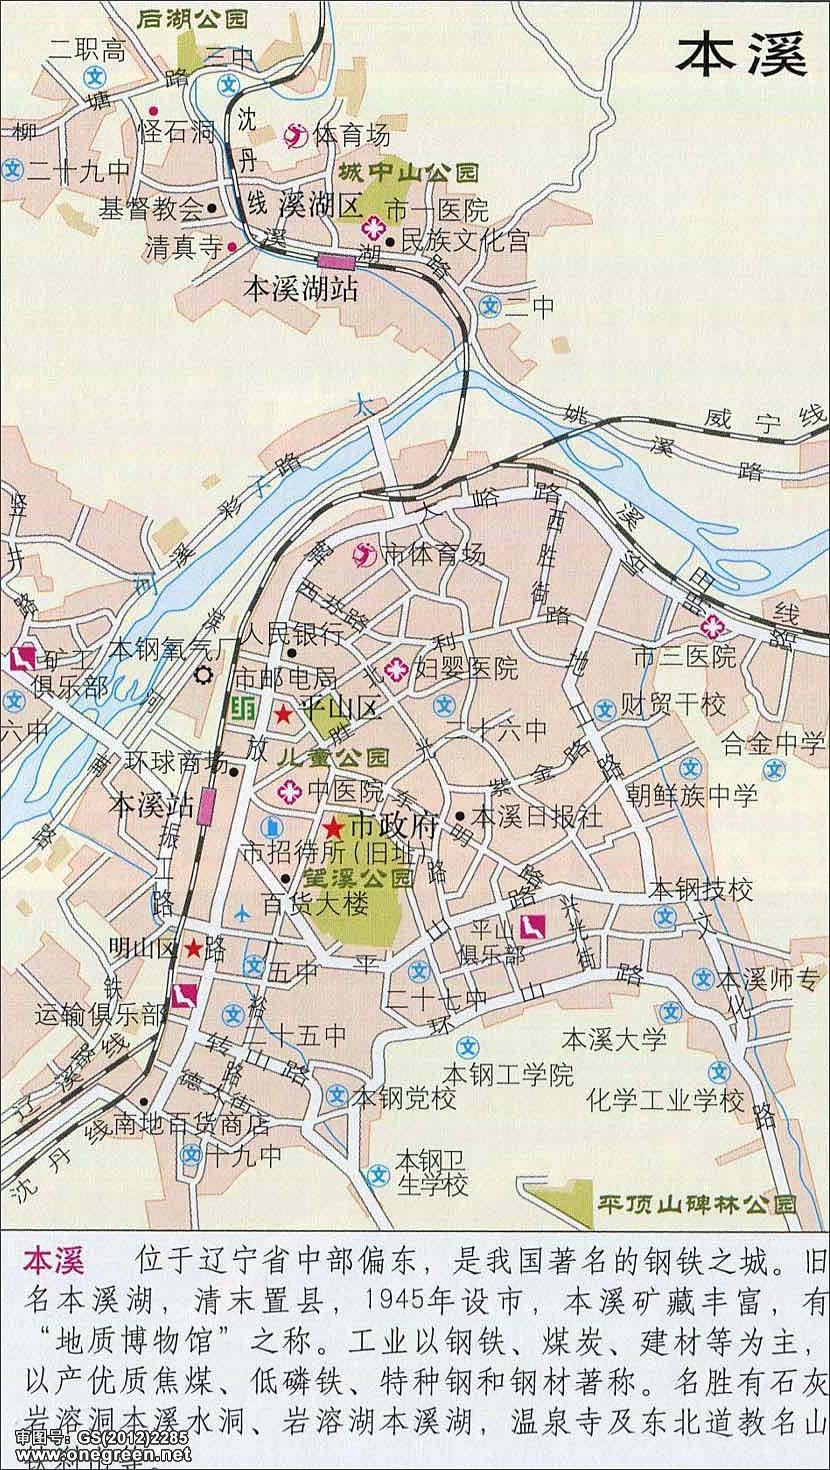 锦州  营口  阜新  辽阳  盘锦  铁岭  朝阳  葫芦岛 上一张地图: 桓